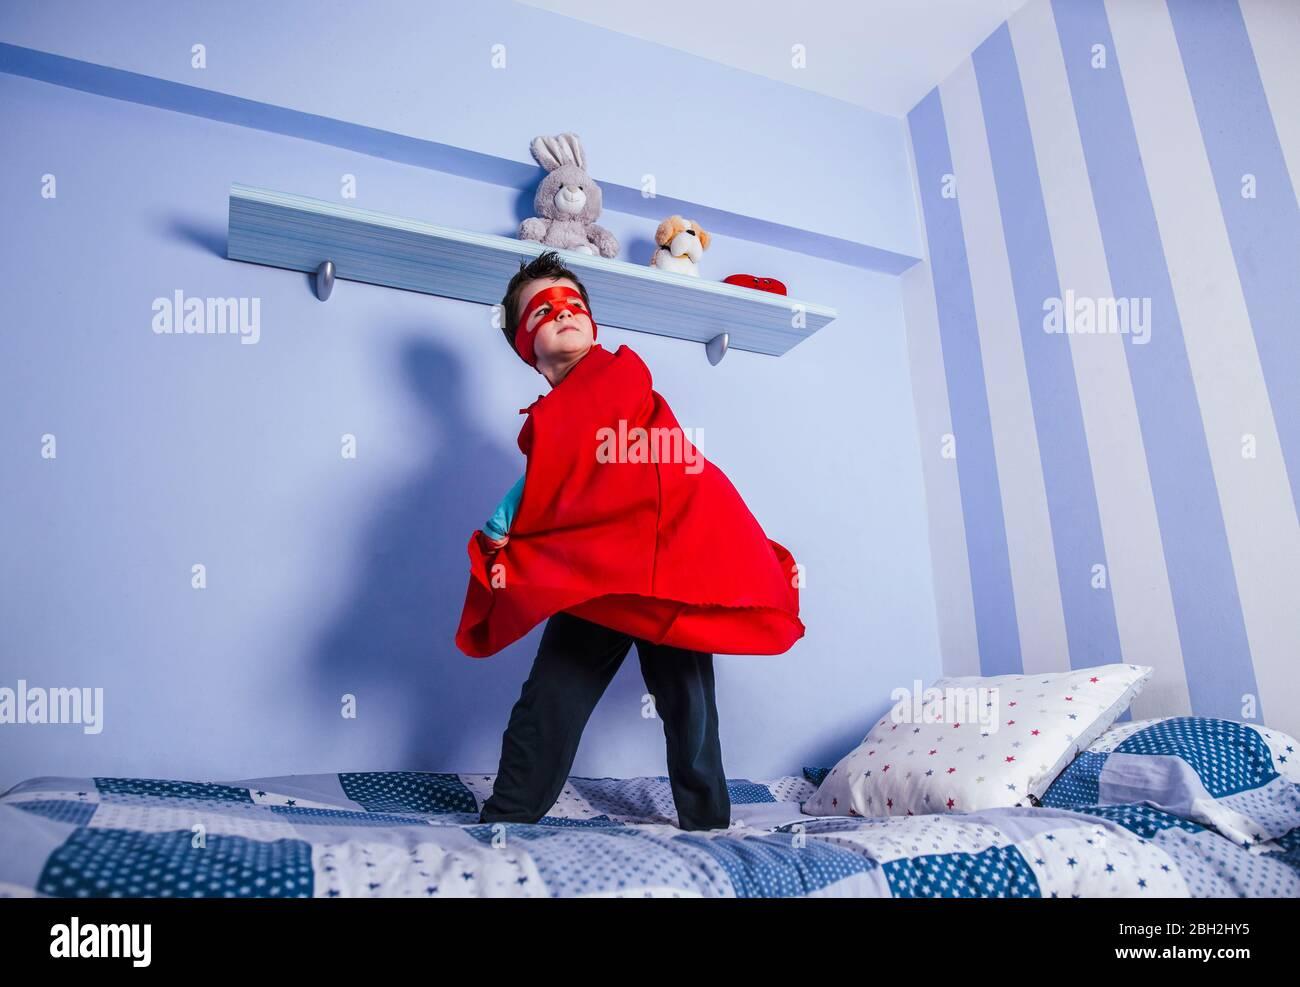 Petit garçon jouant super héros, debout sur son lit Banque D'Images